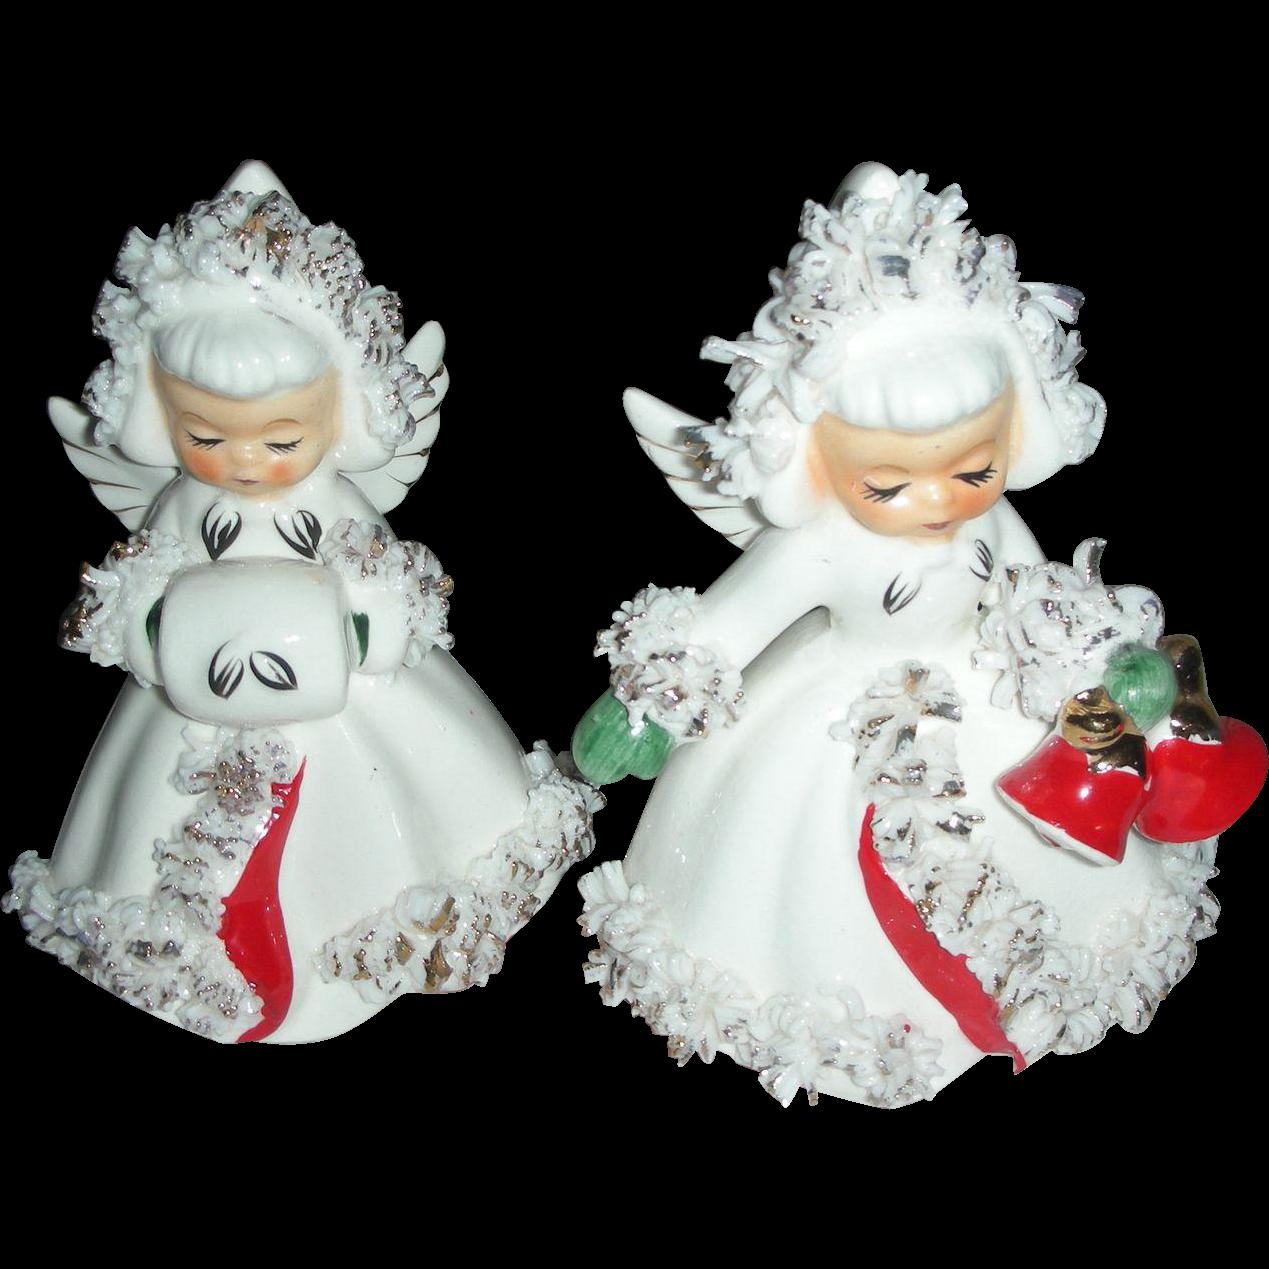 Vintage Holt Holt Howard Christmas Angel Figurine Candle Stick Holders 1960